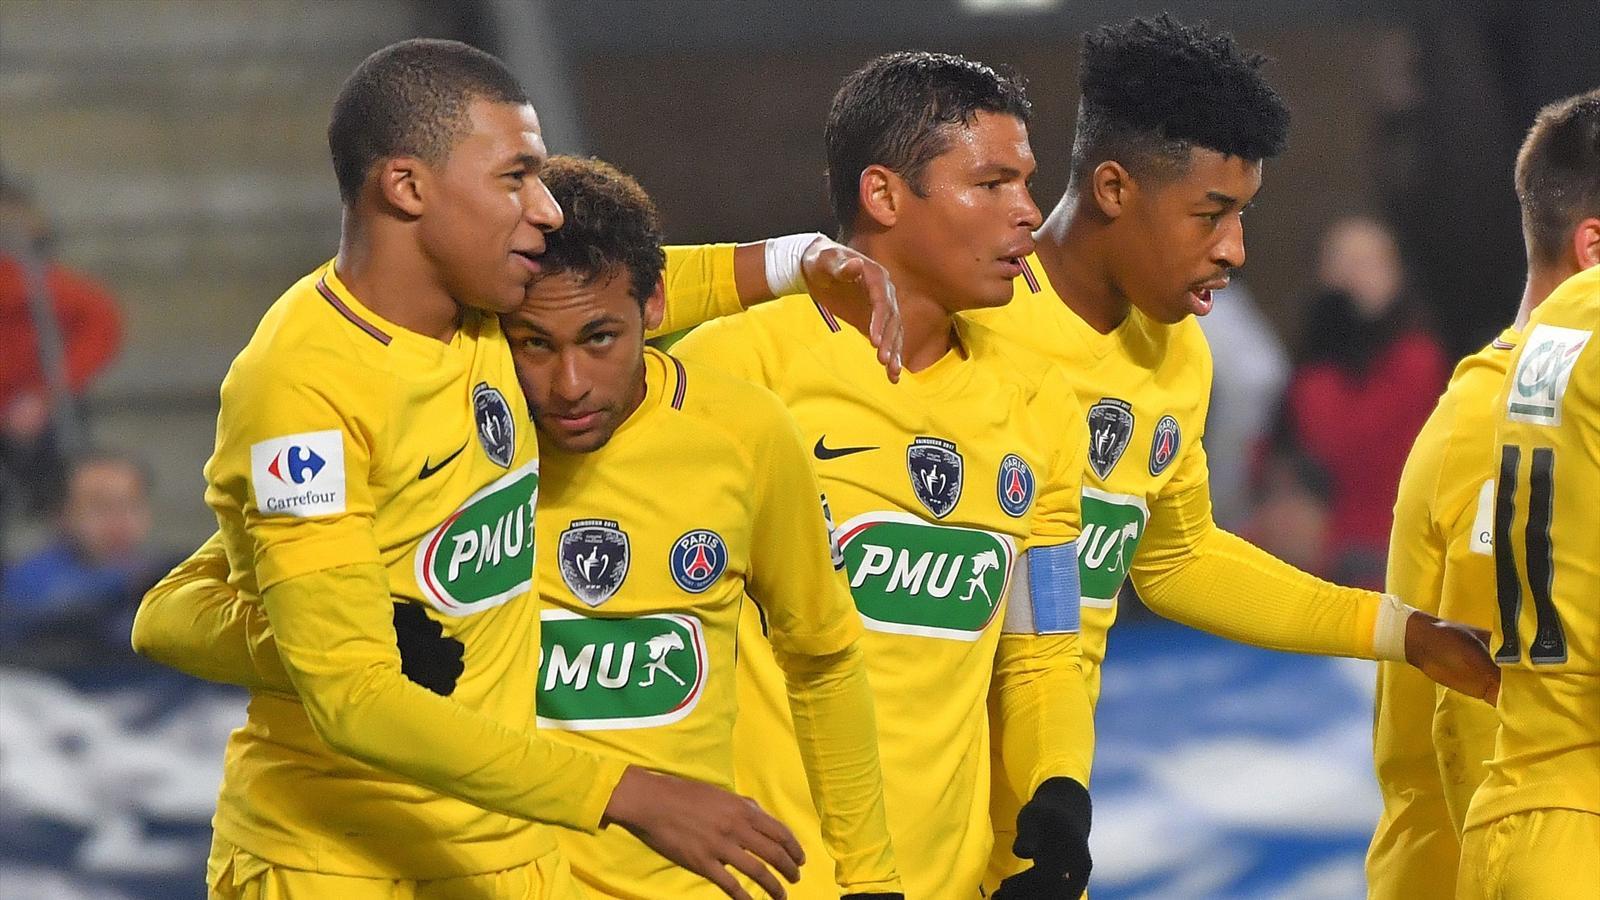 Le psg parpille rennes 1 6 pour se qualifier en 16e de finale coupe de france 2017 2018 - Coupe de france football calendrier ...